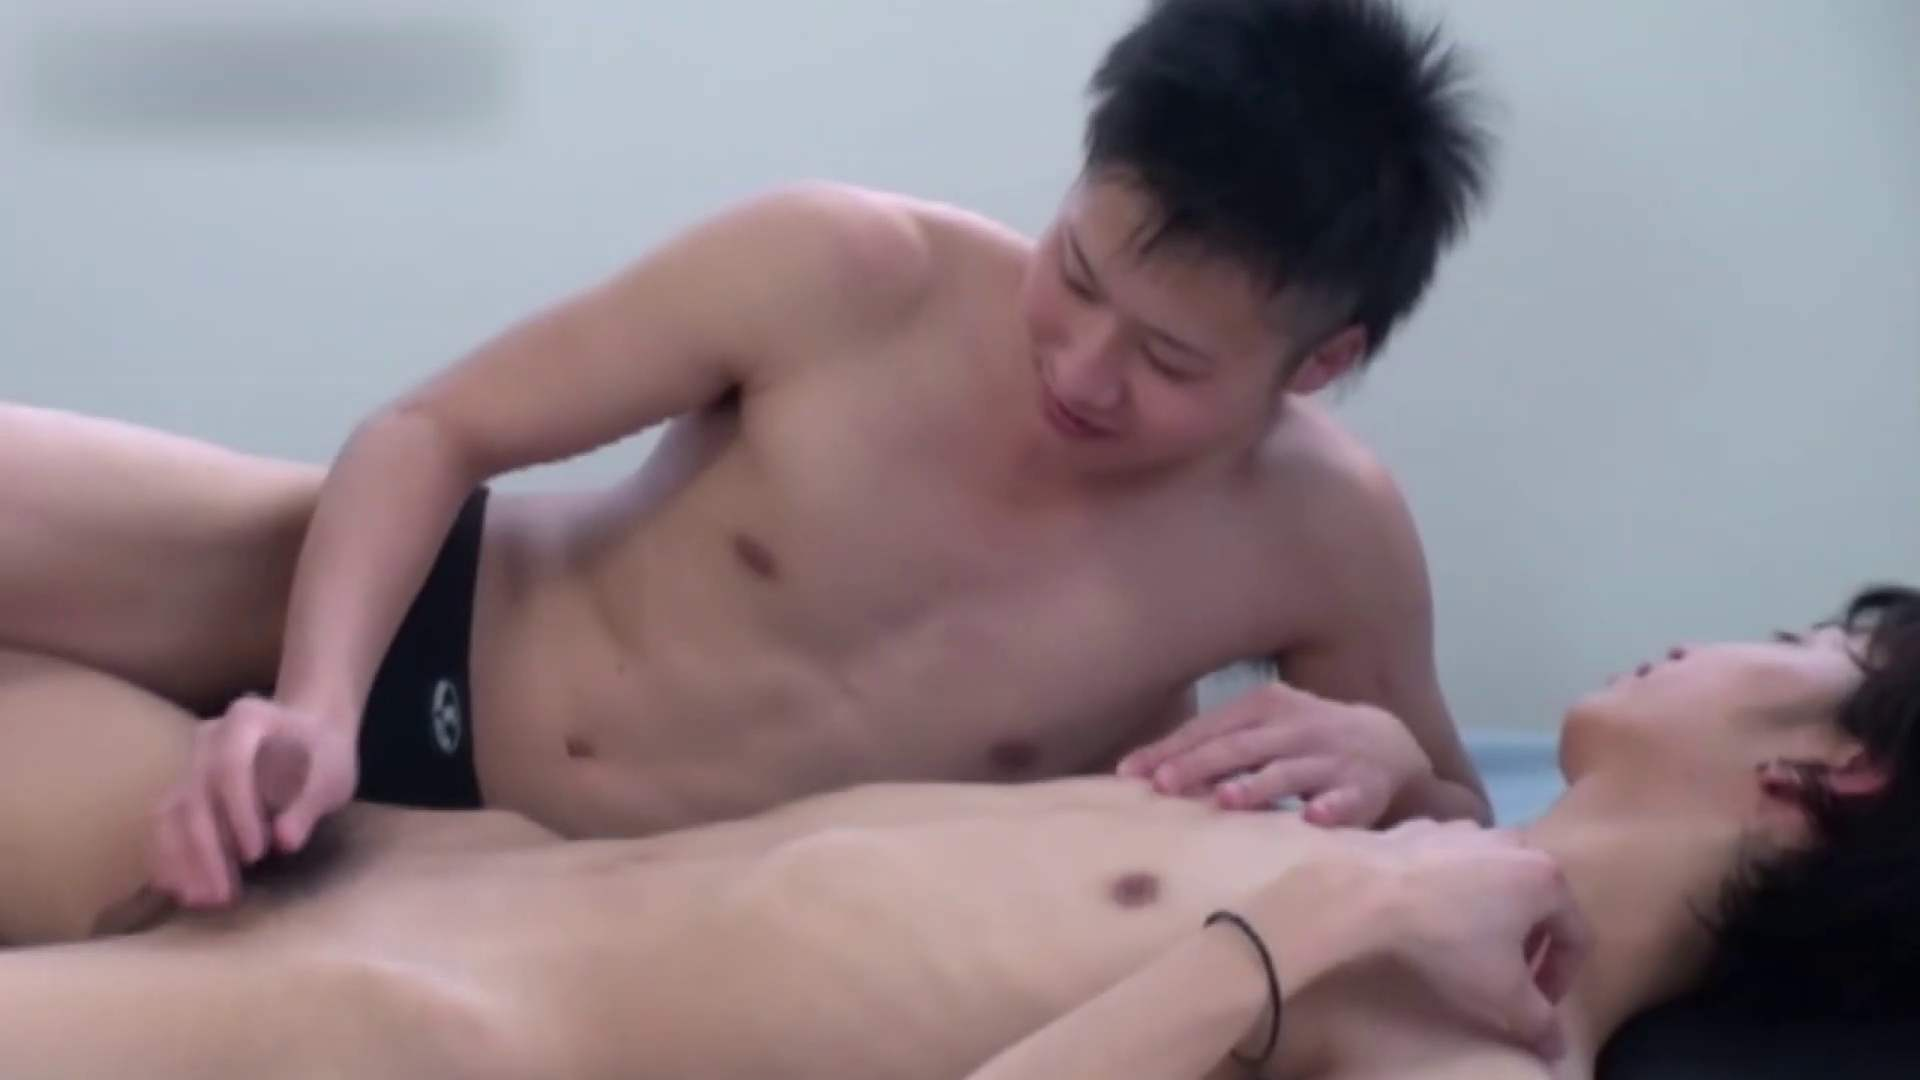 イケイケMEN'SCLUB vol.26前編 エロ   男のゲイ天国  11枚 9